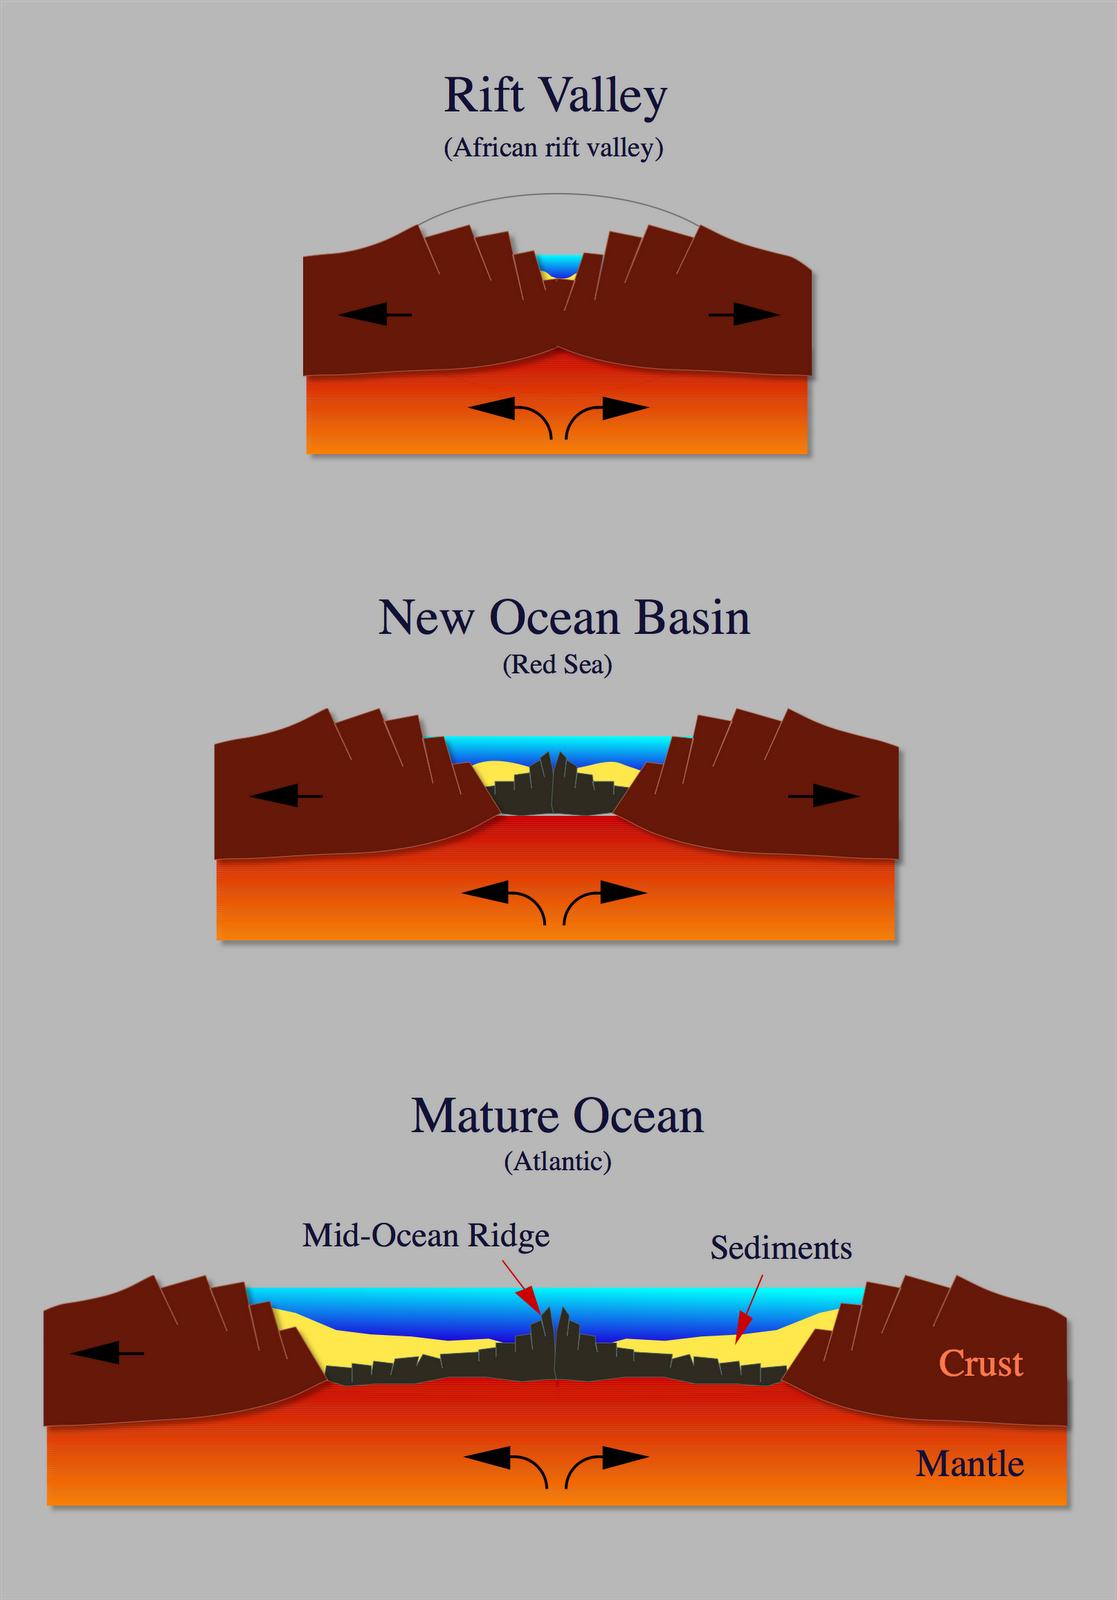 diepe brede vallei  gt  opvullen vallei met water  gt  meren of nieuwe    Rift Valley Diagram